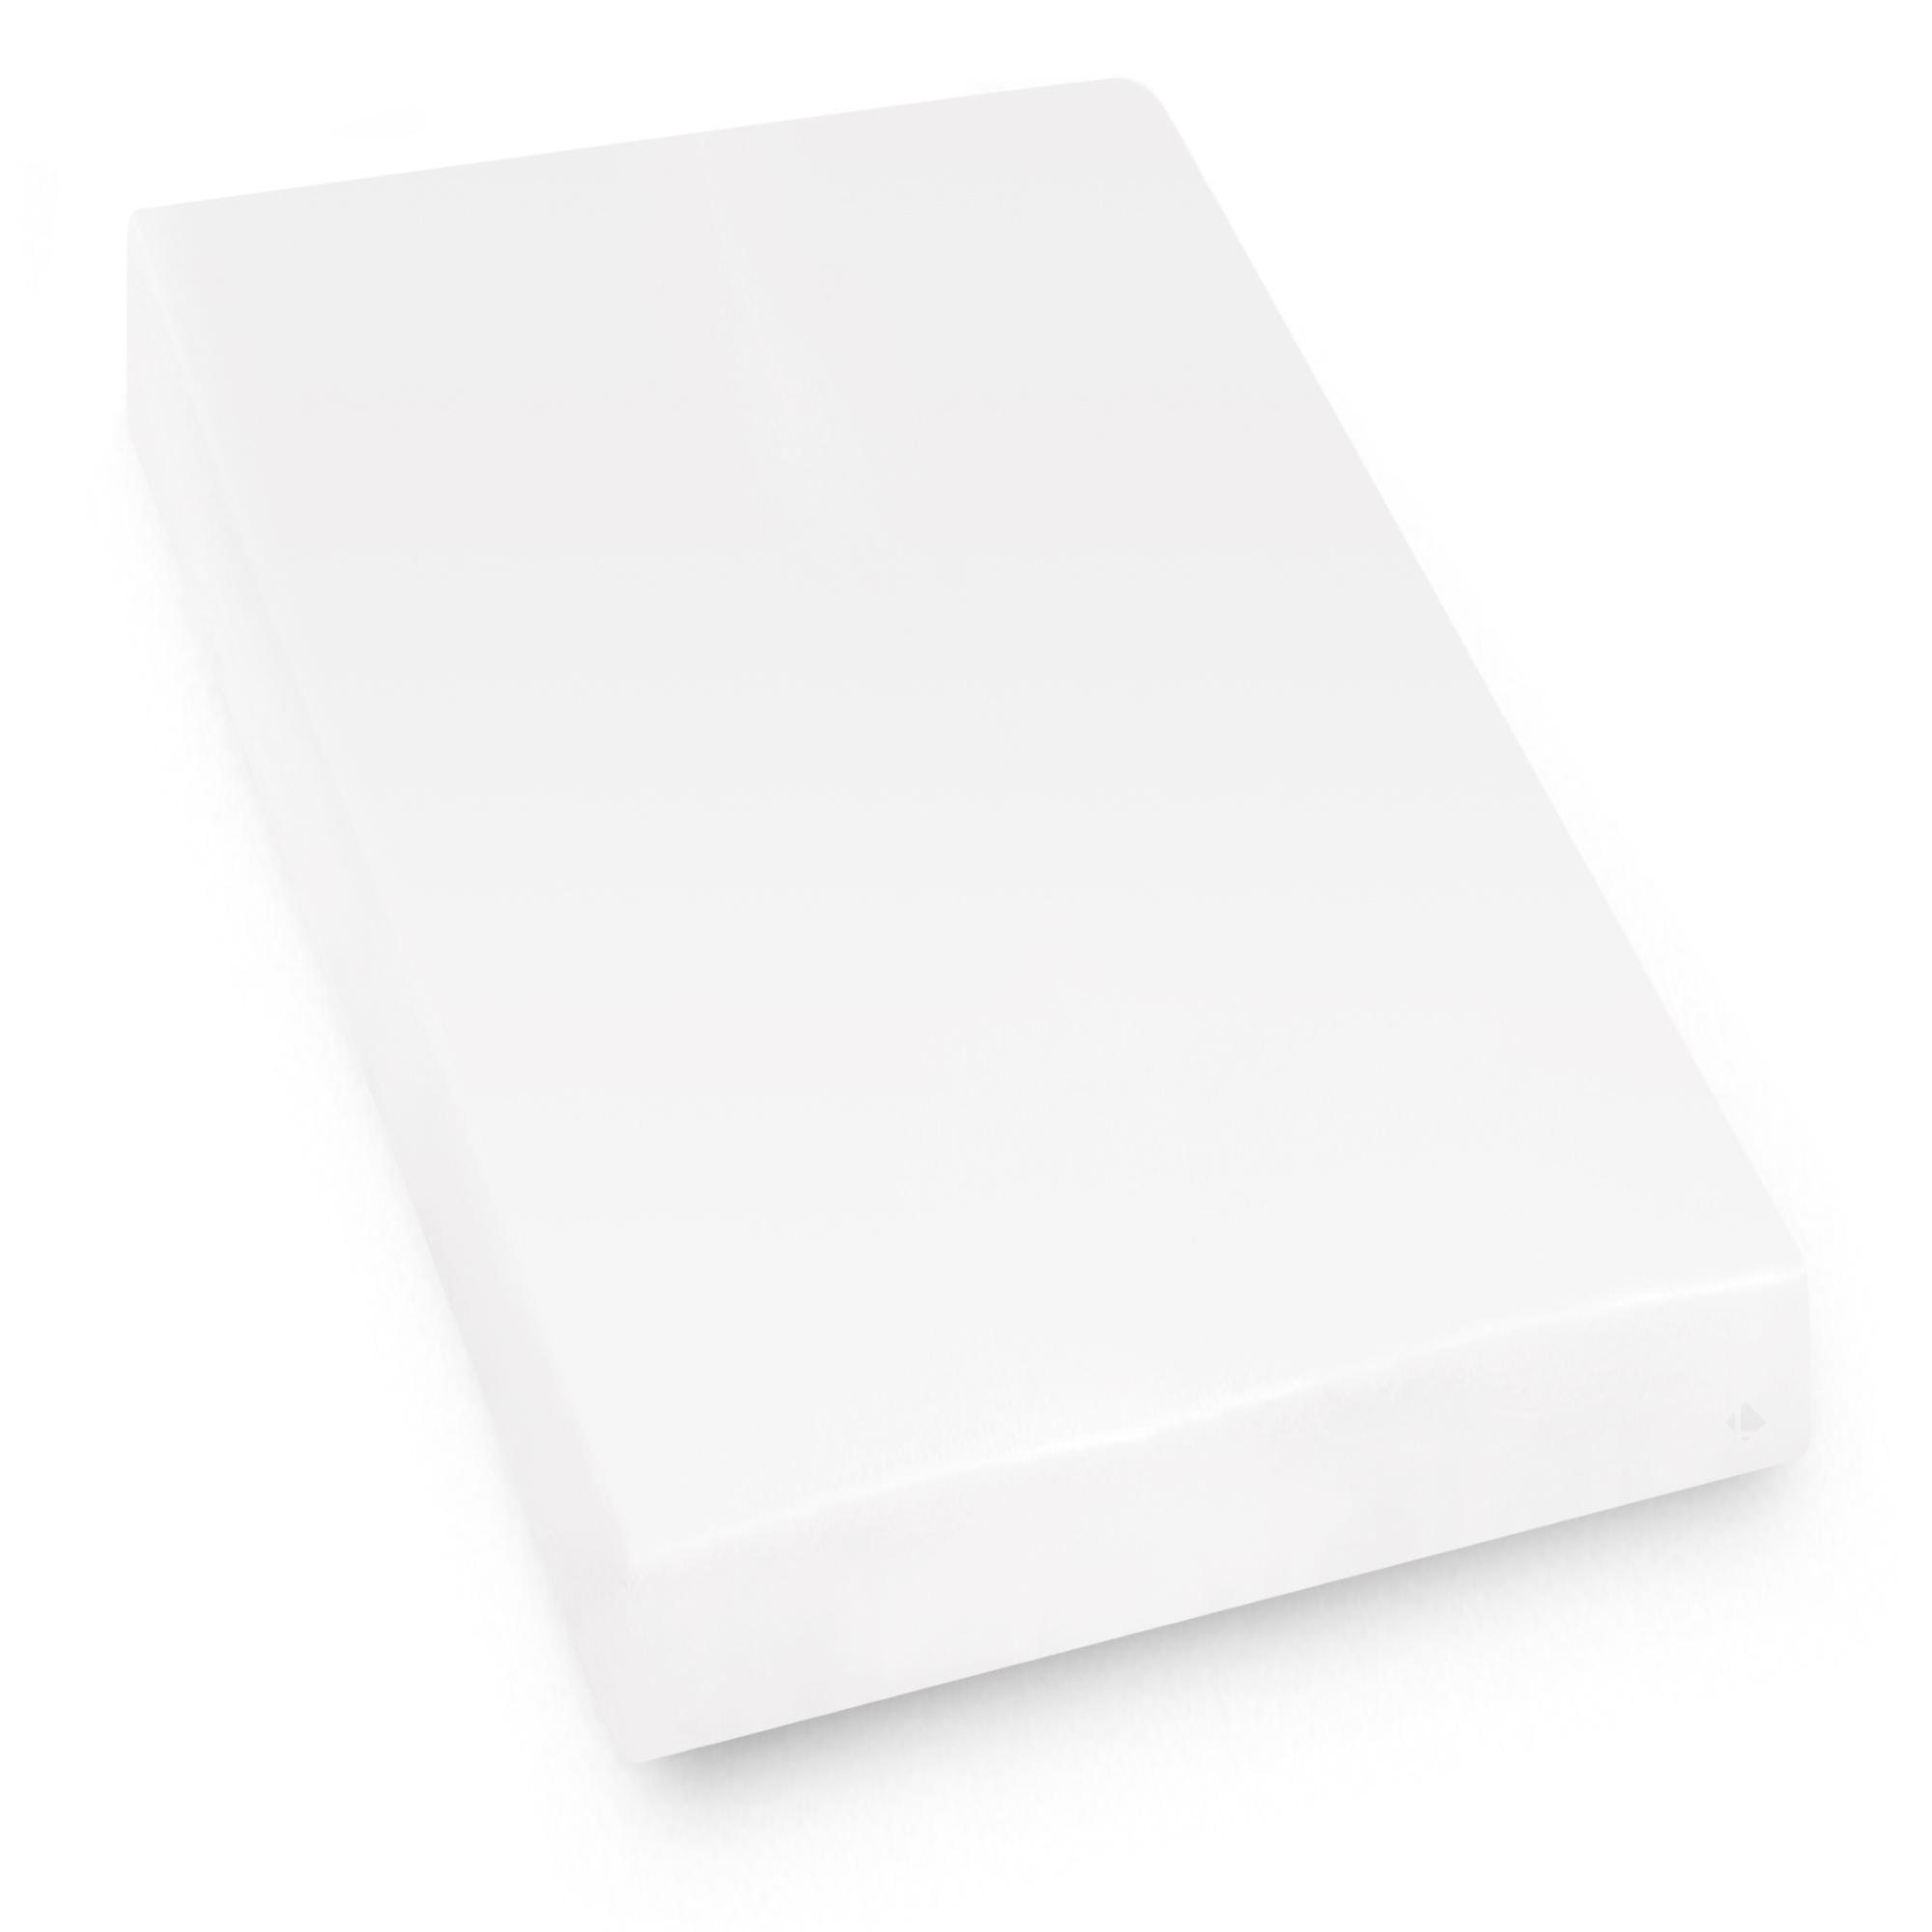 prot ge matelas imperm able 110x220 cm bonnet 30cm arnon molleton 100 coton contrecoll. Black Bedroom Furniture Sets. Home Design Ideas